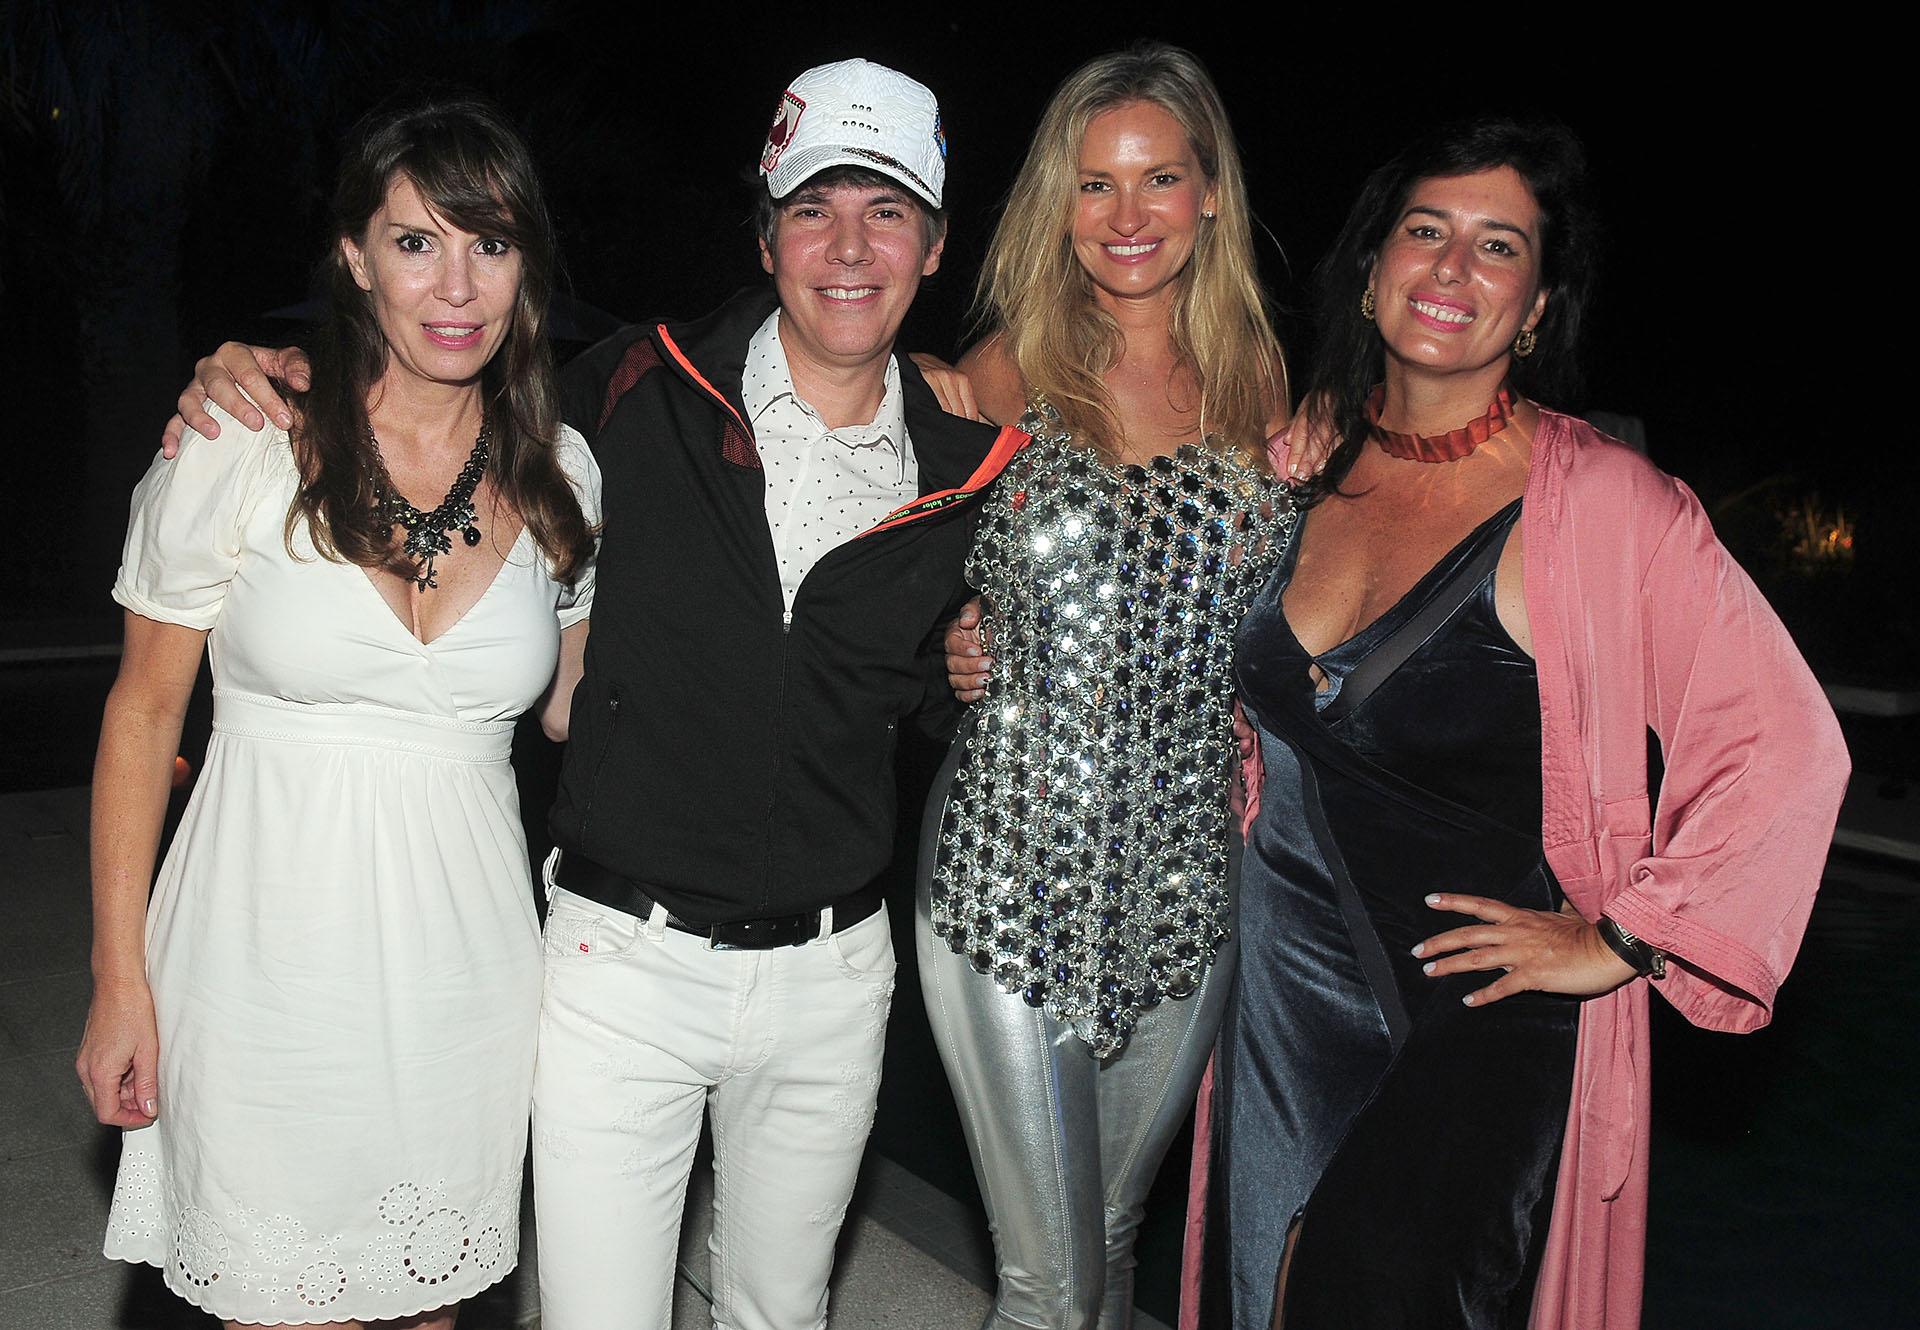 Inés Garcia Lanza de Trusso y Maxi Trusso junto a Lily Sciorra e Inés Berton